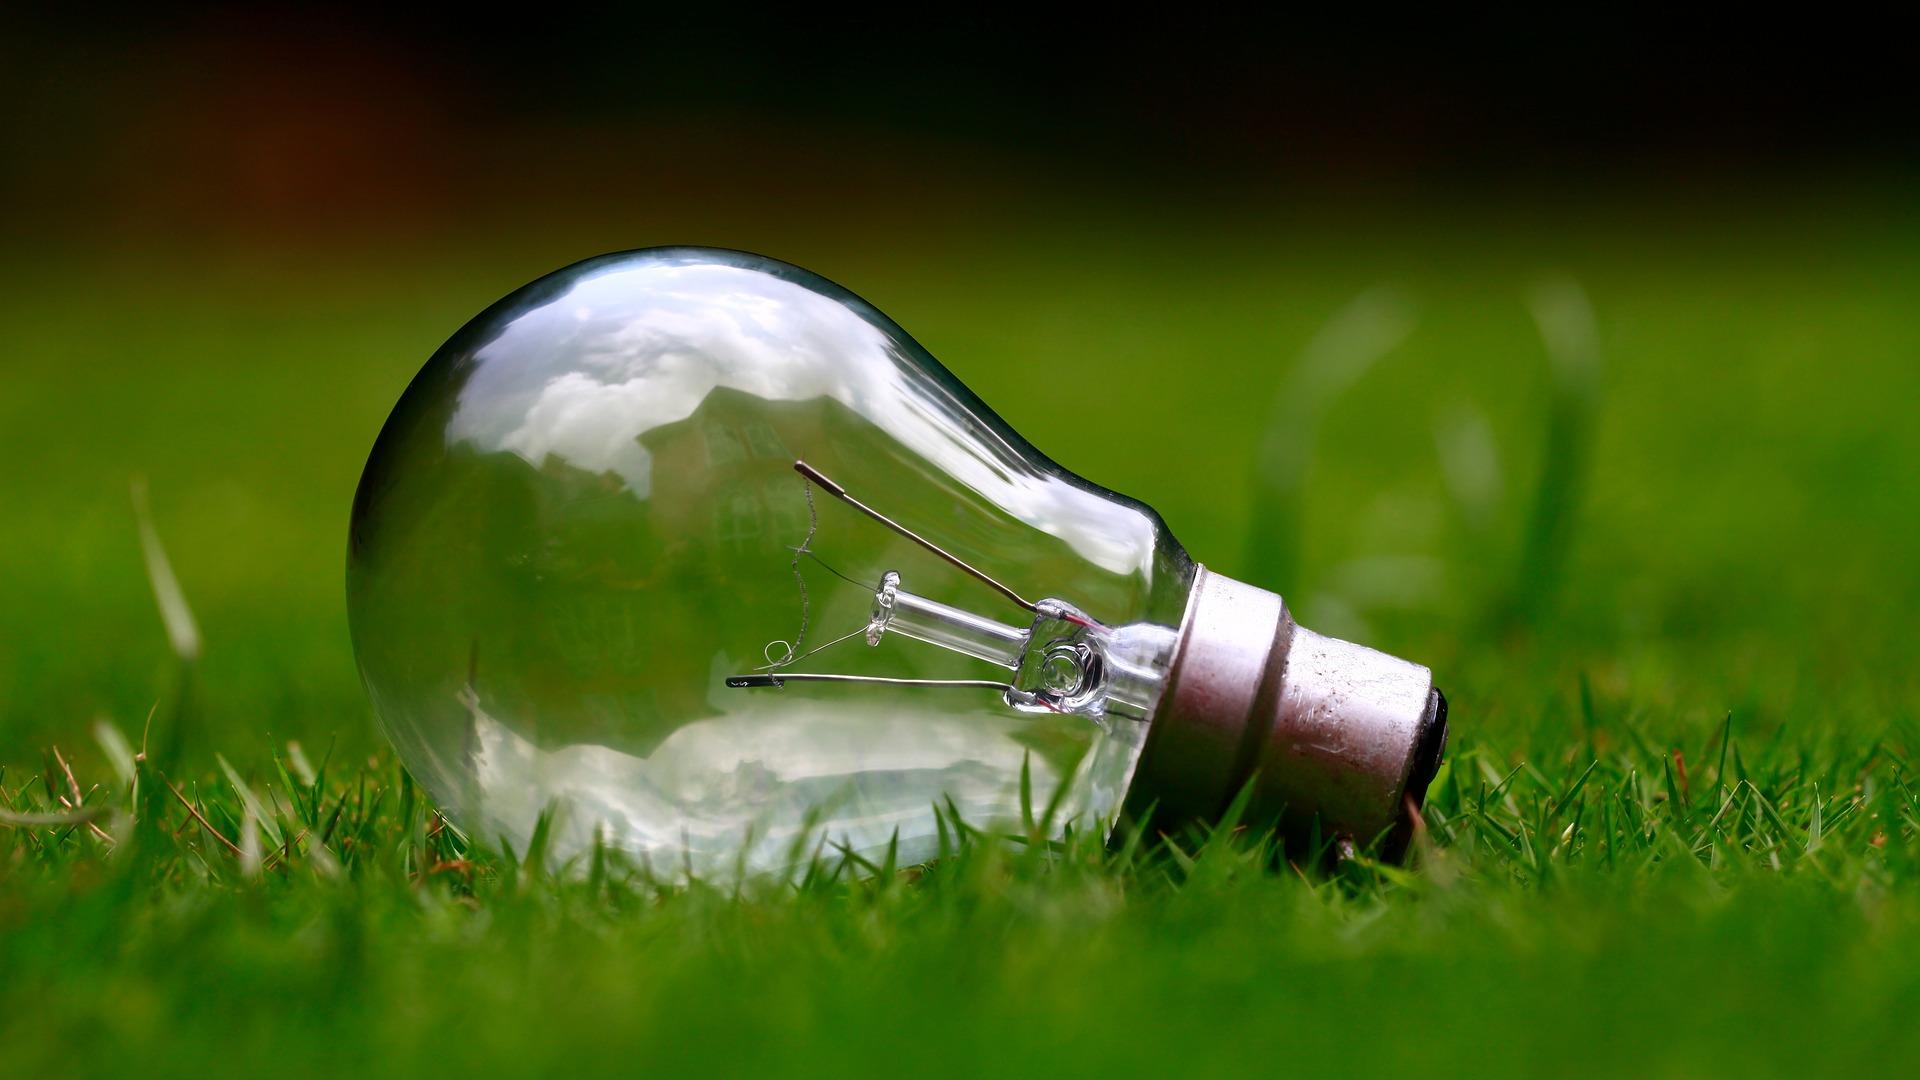 Meer Energie In Uw Interieur Voor Weinig? 5 Tips Voor Voordelige Energie In Huis!